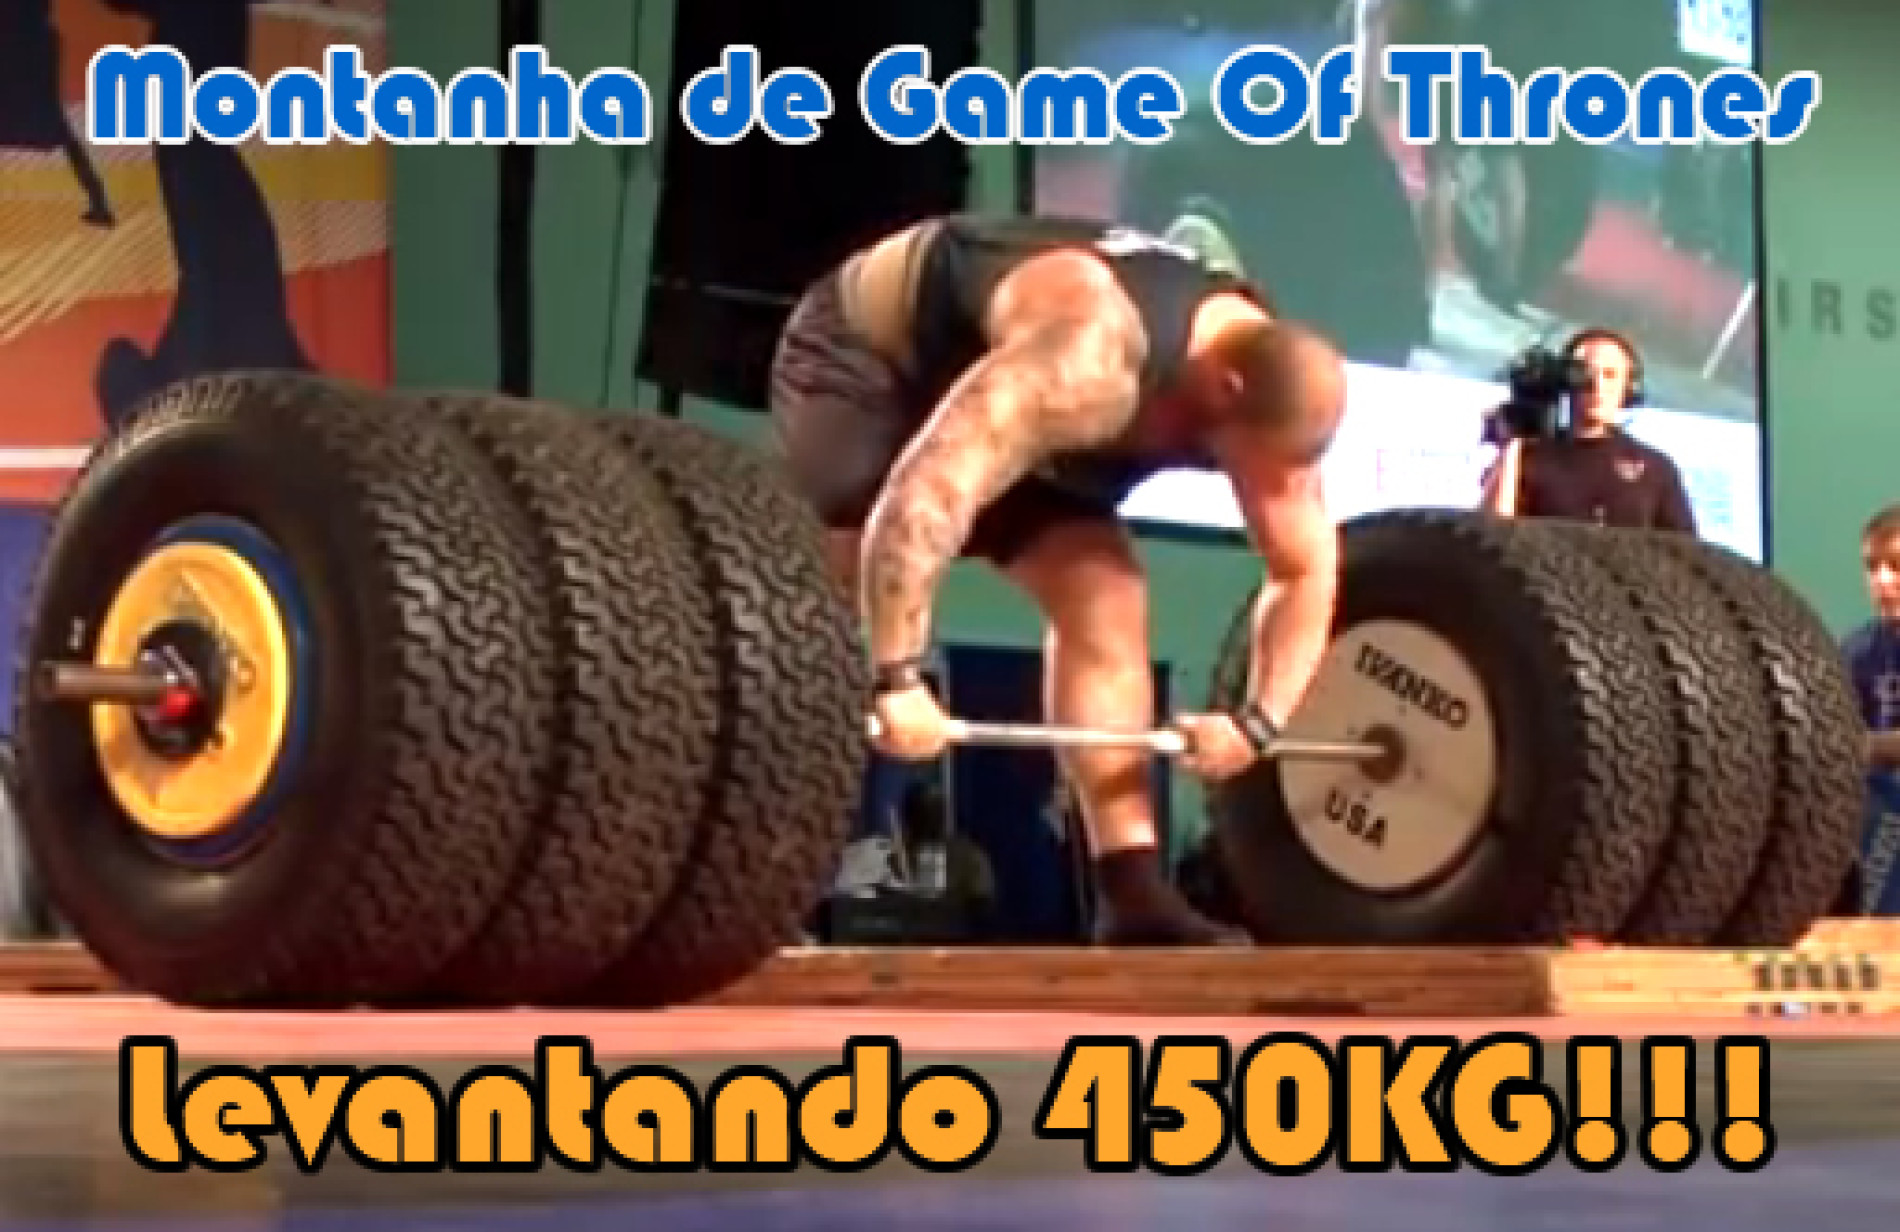 Hafthor Julius Montanha de Game of Thrones levantando 450kg